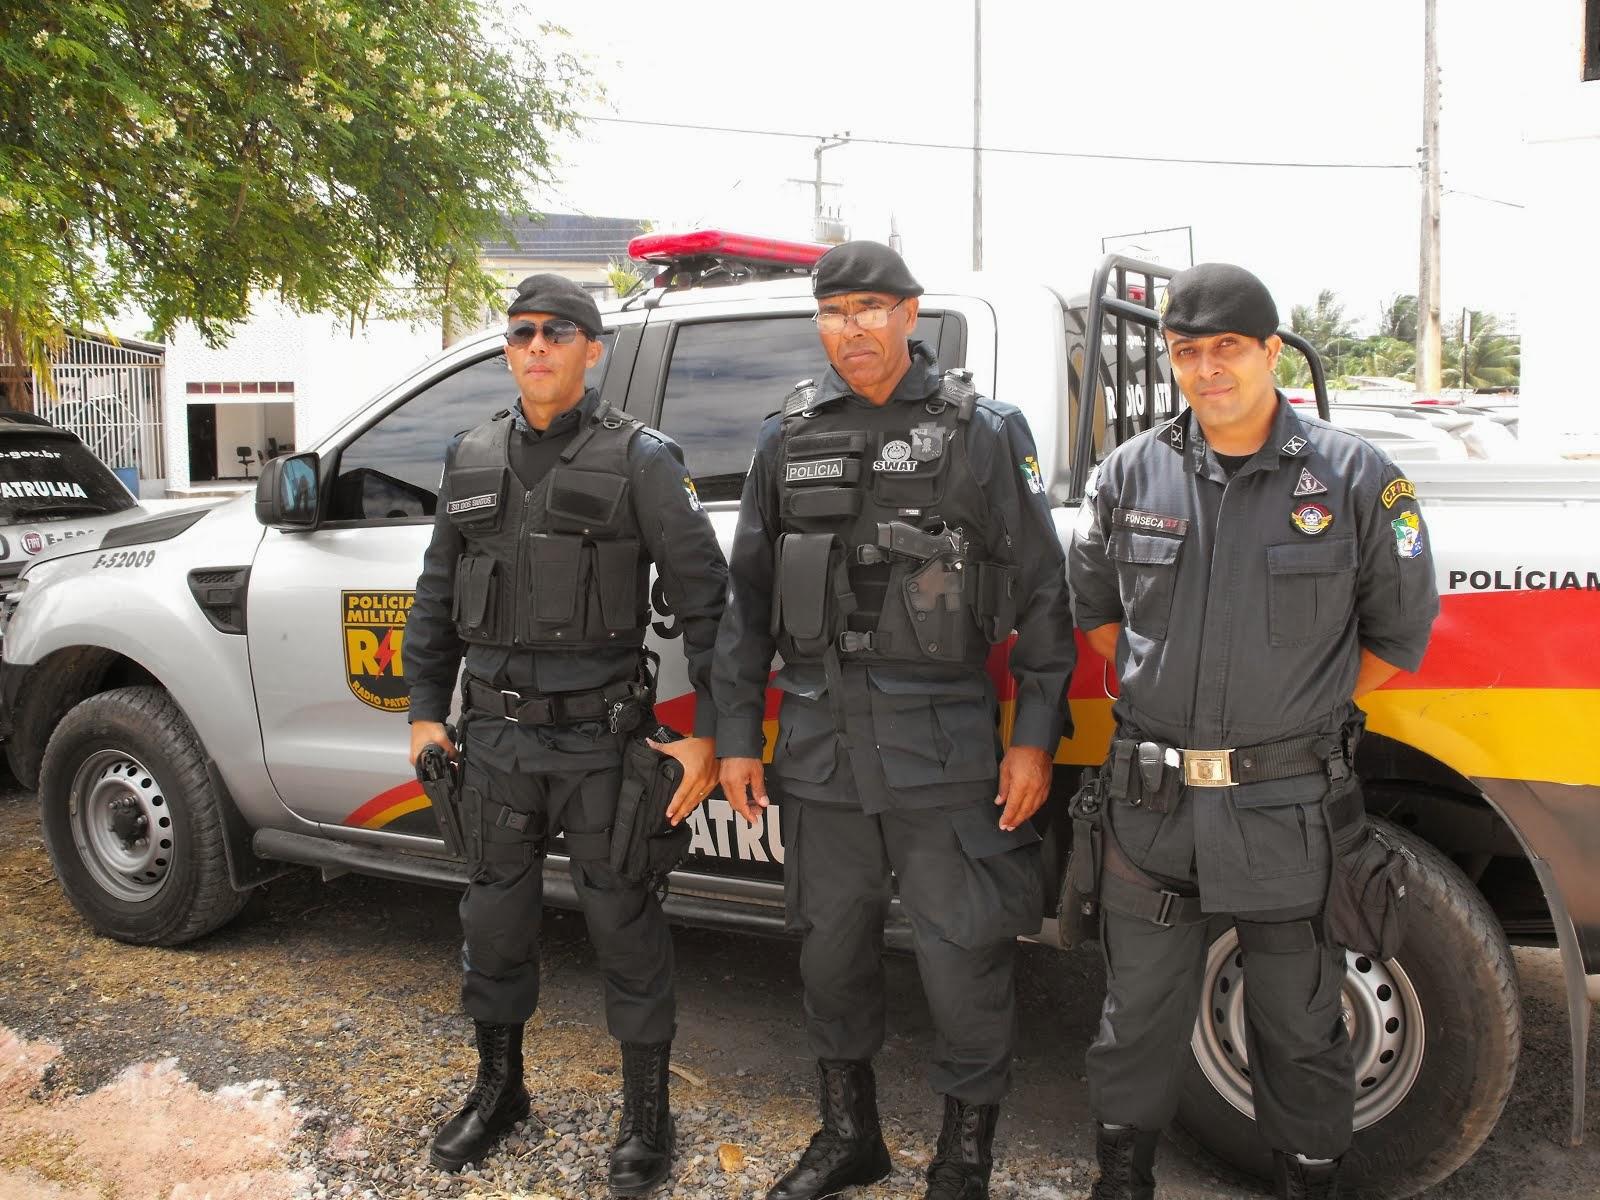 POLICIAIS MILITARES DA RADIOPATRULHA